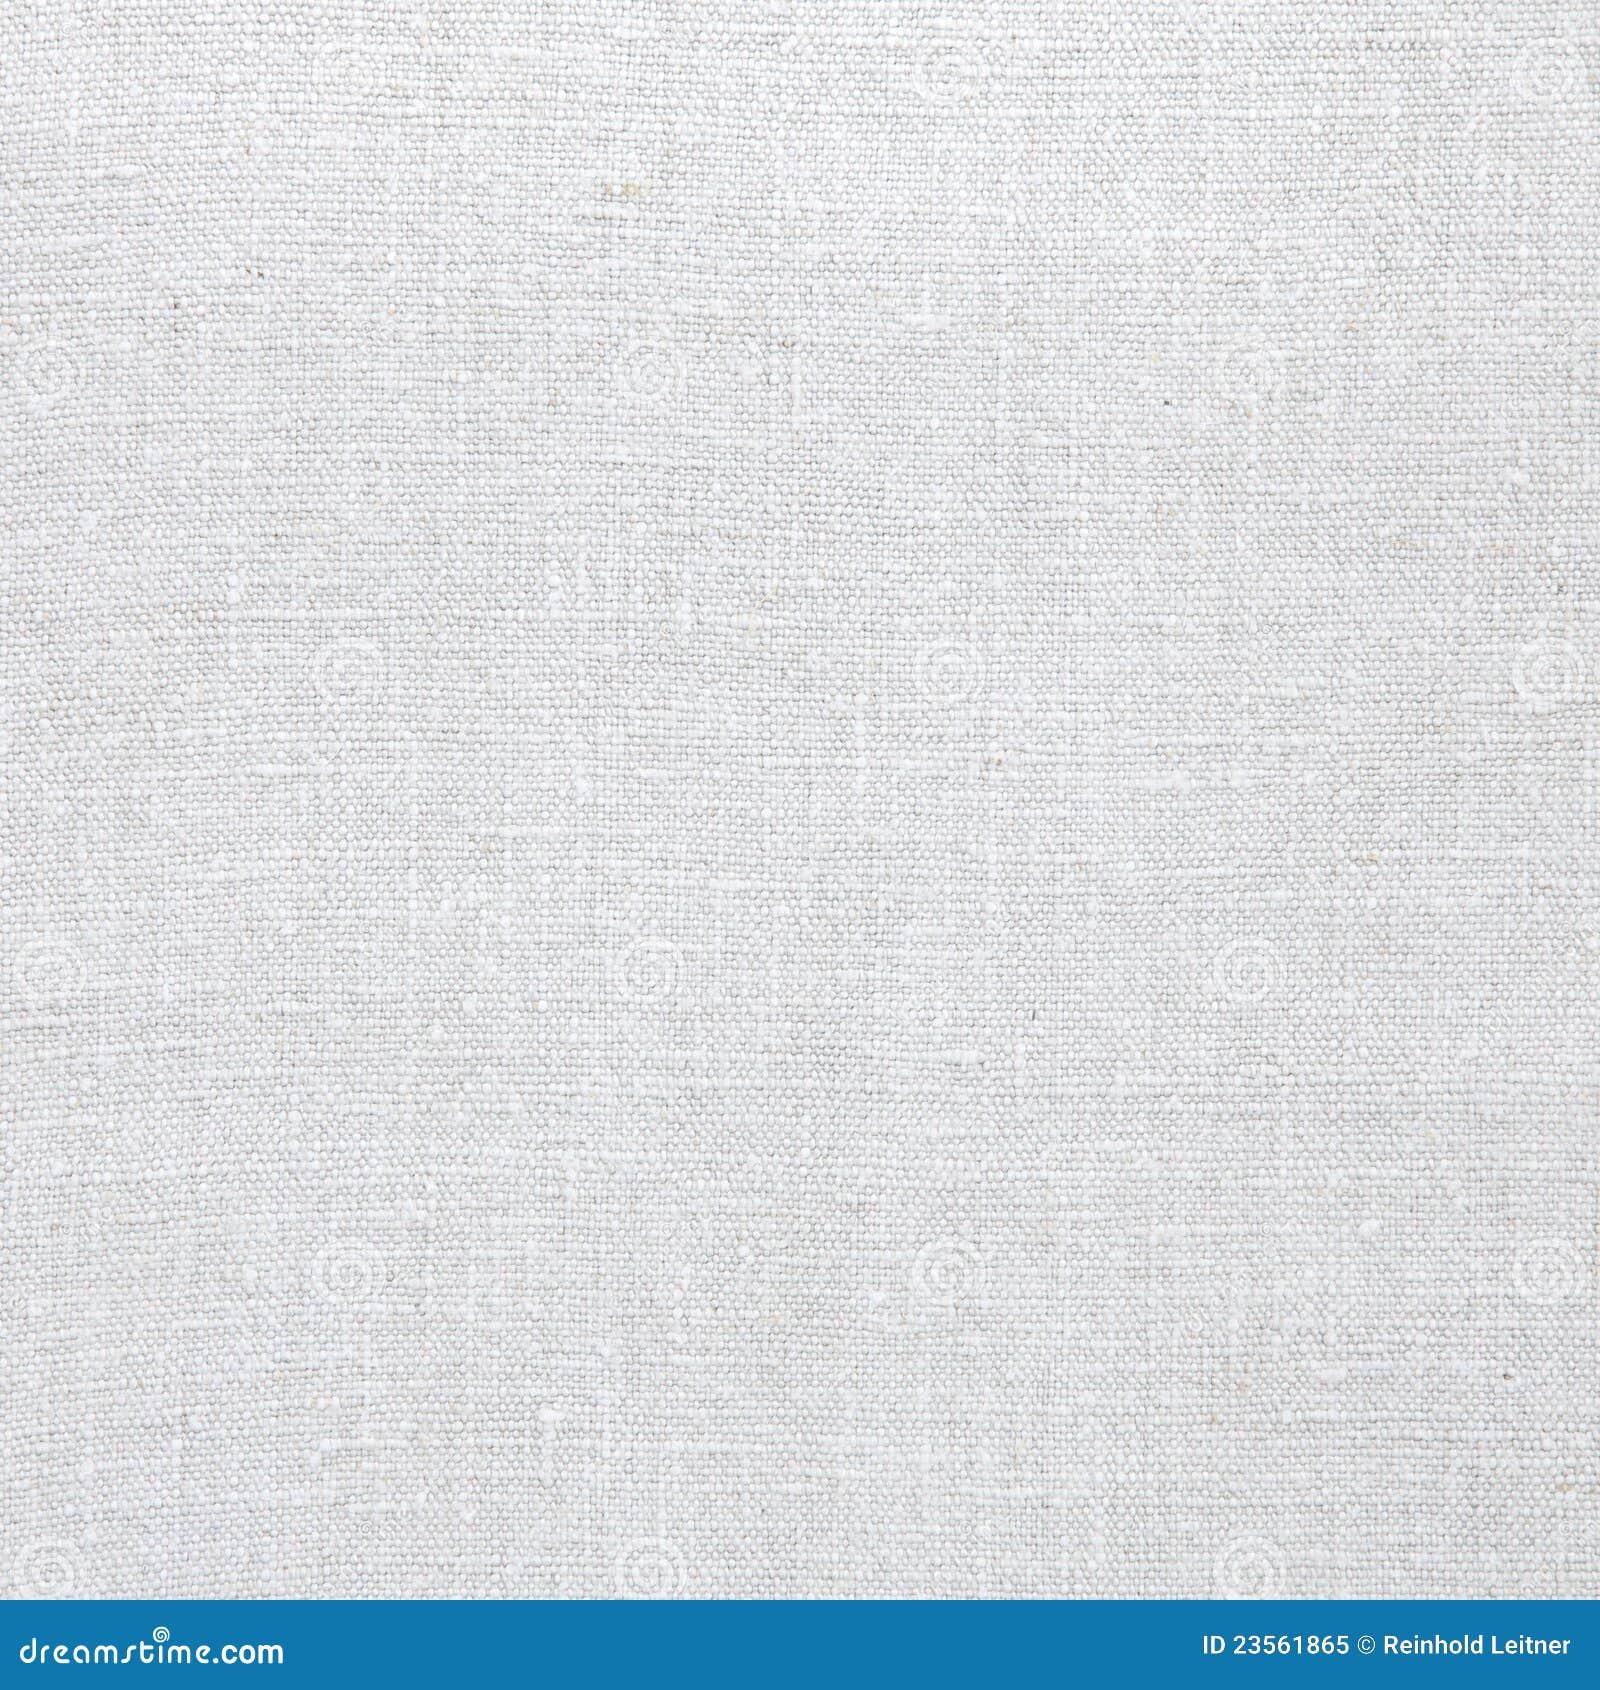 texture de toile blanche photo libre de droits image 23561865. Black Bedroom Furniture Sets. Home Design Ideas